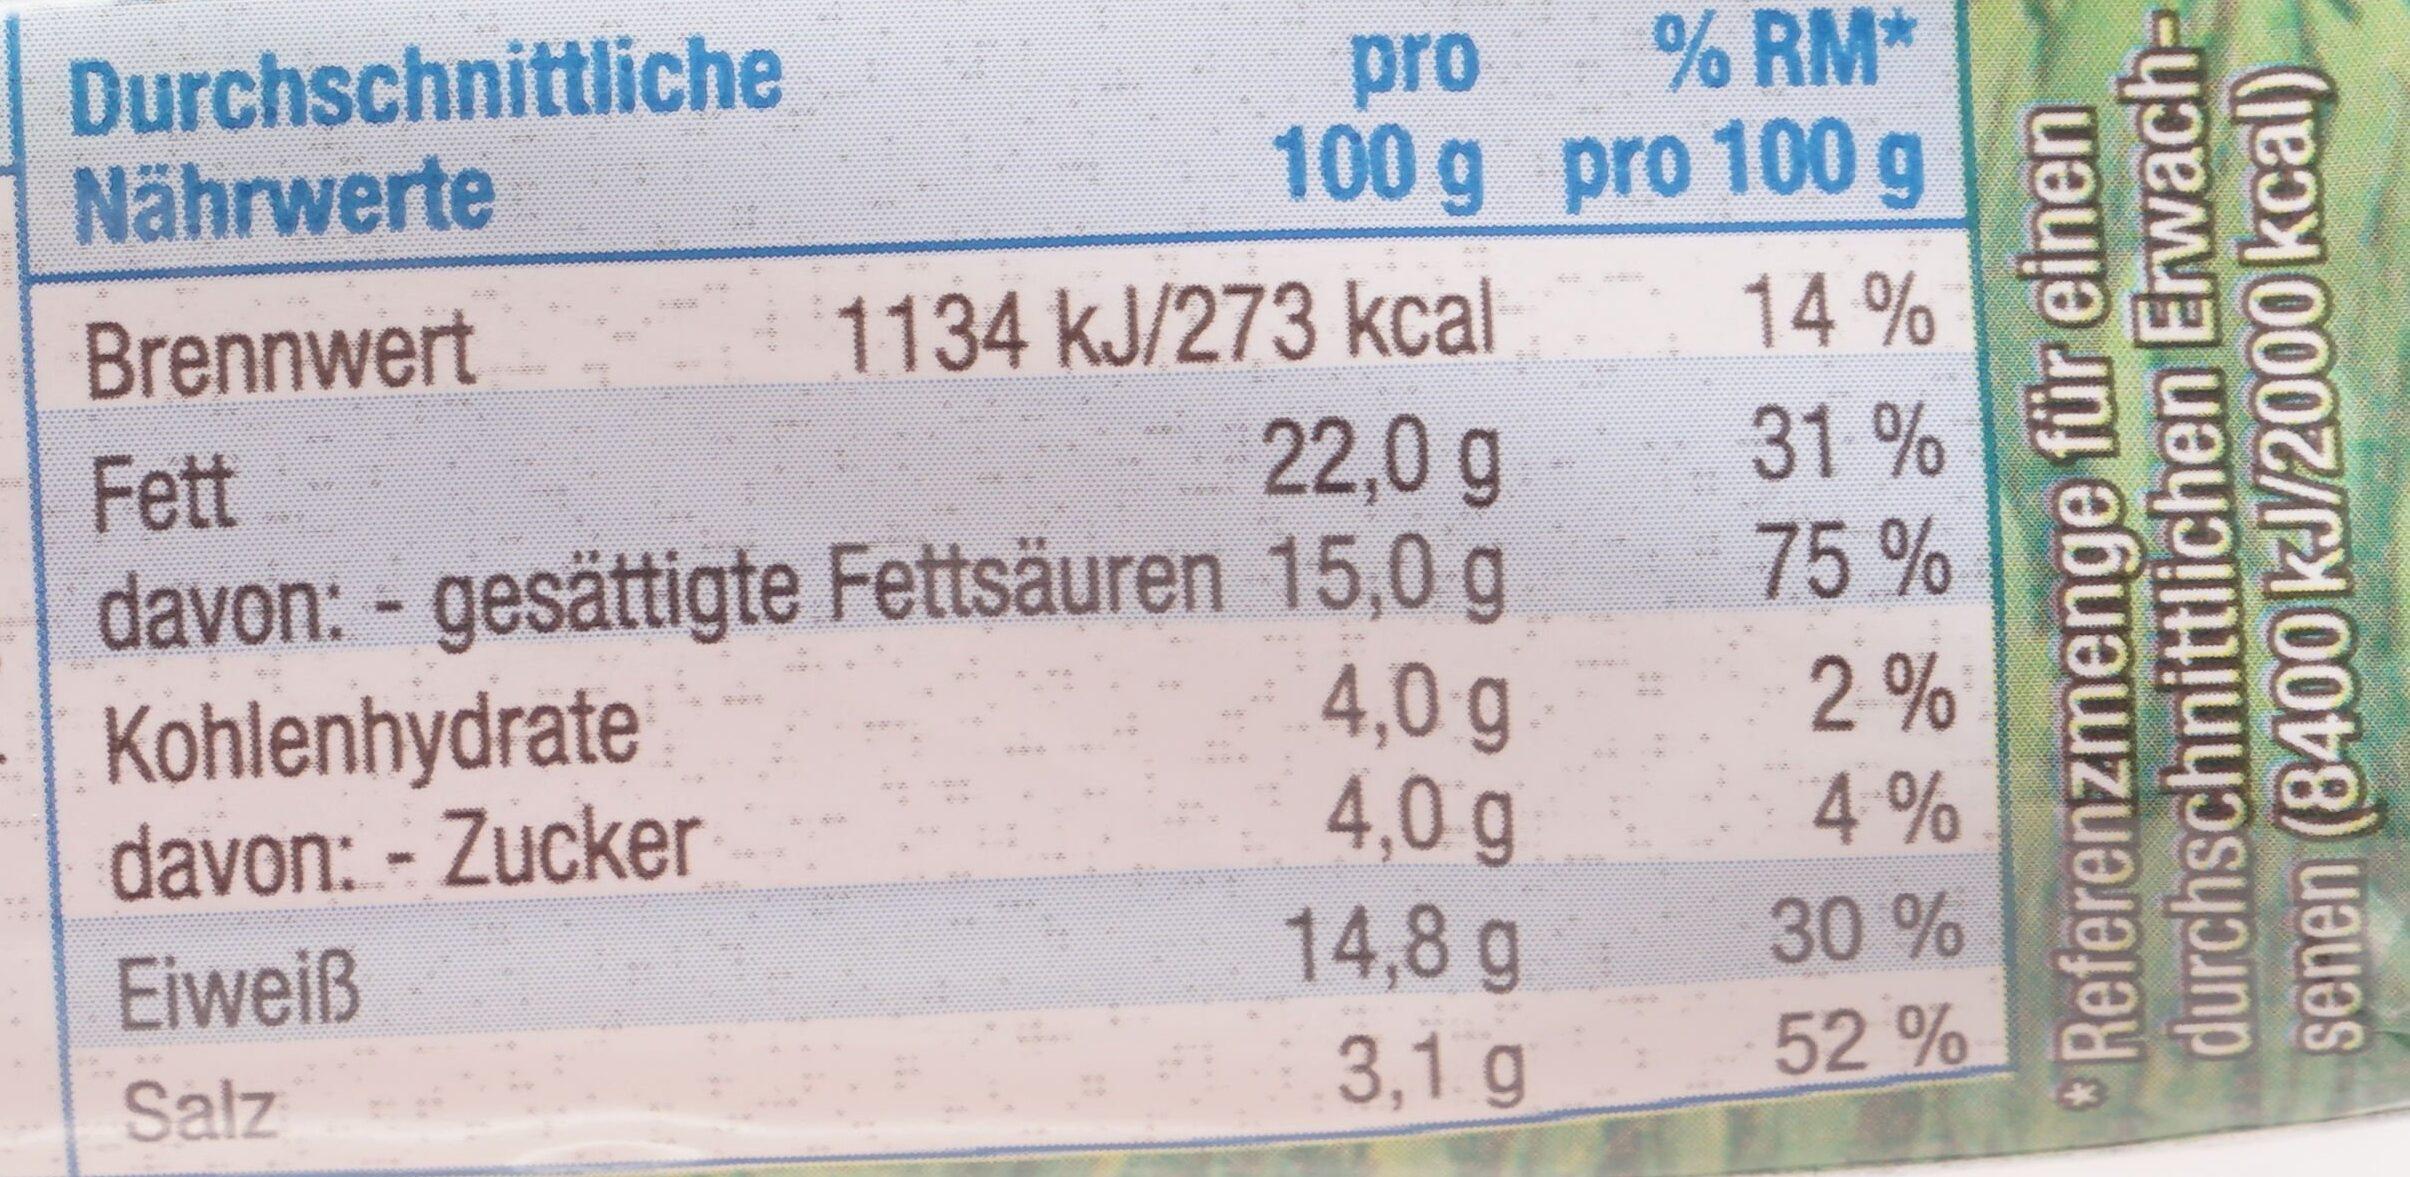 Schmelzkäsescheiben Chester Art - Nutrition facts - de